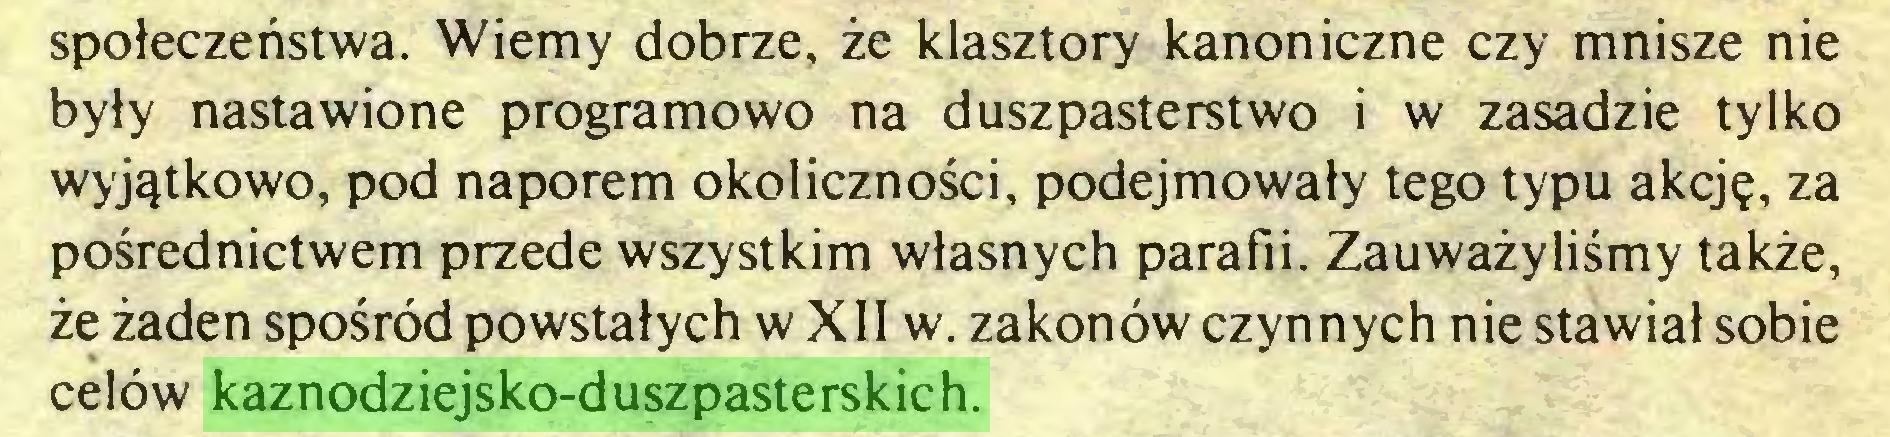 (...) społeczeństwa. Wiemy dobrze, że klasztory kanoniczne czy mnisze nie były nastawione programowo na duszpasterstwo i w zasadzie tylko wyjątkowo, pod naporem okoliczności, podejmowały tego typu akcję, za pośrednictwem przede wszystkim własnych parafii. Zauważyliśmy także, że żaden spośród powstałych w XII w. zakonów czynnych nie stawiał sobie celów kaznodziejsko-duszpasterskich...